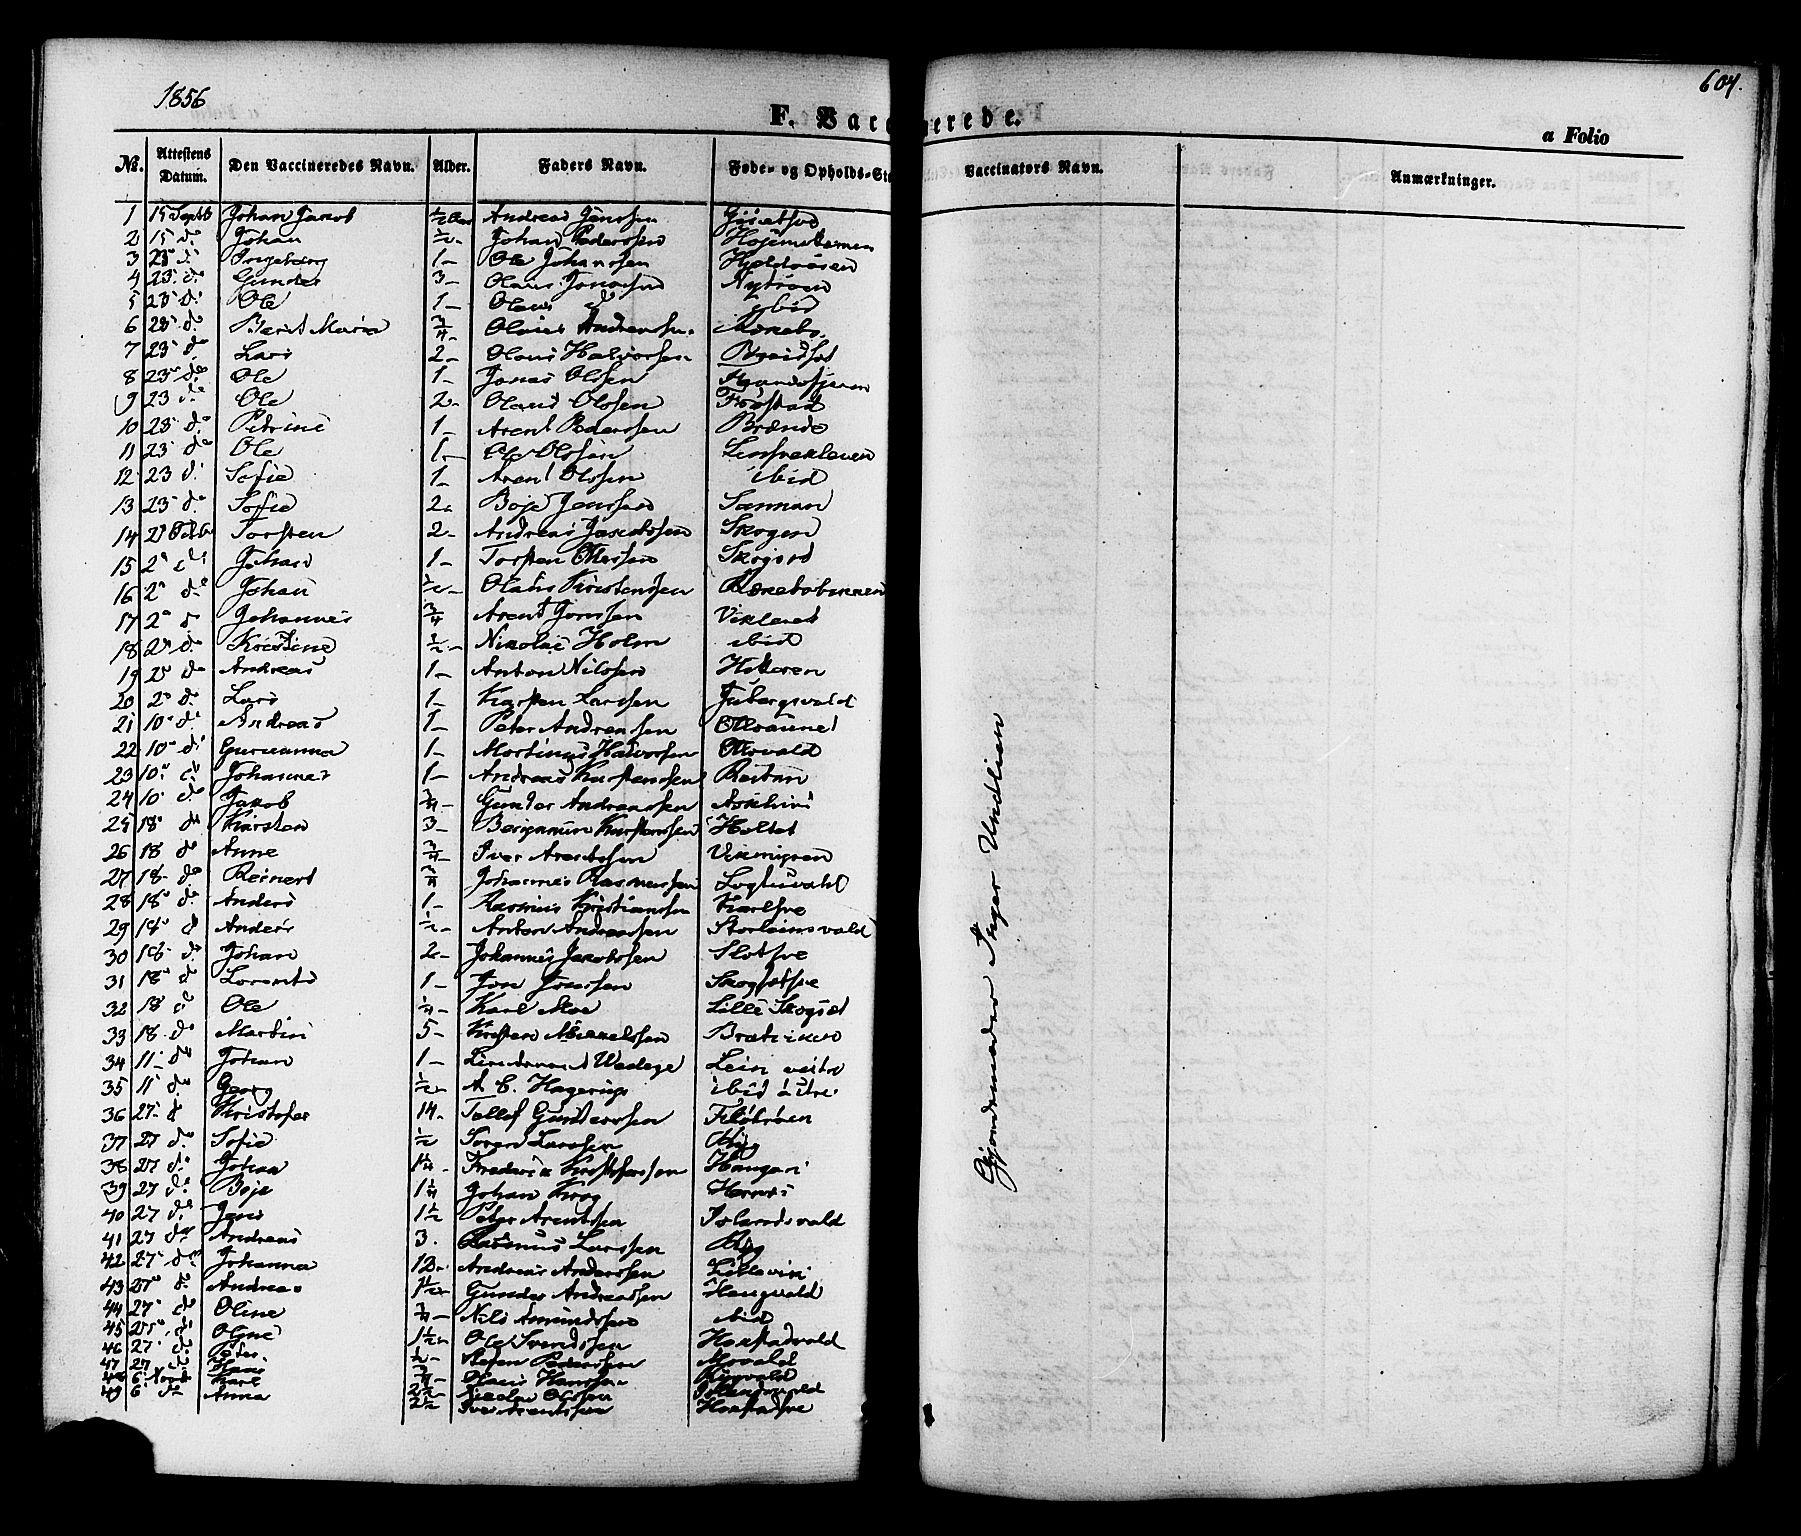 SAT, Ministerialprotokoller, klokkerbøker og fødselsregistre - Nord-Trøndelag, 713/L0116: Ministerialbok nr. 713A07 /1, 1850-1877, s. 604